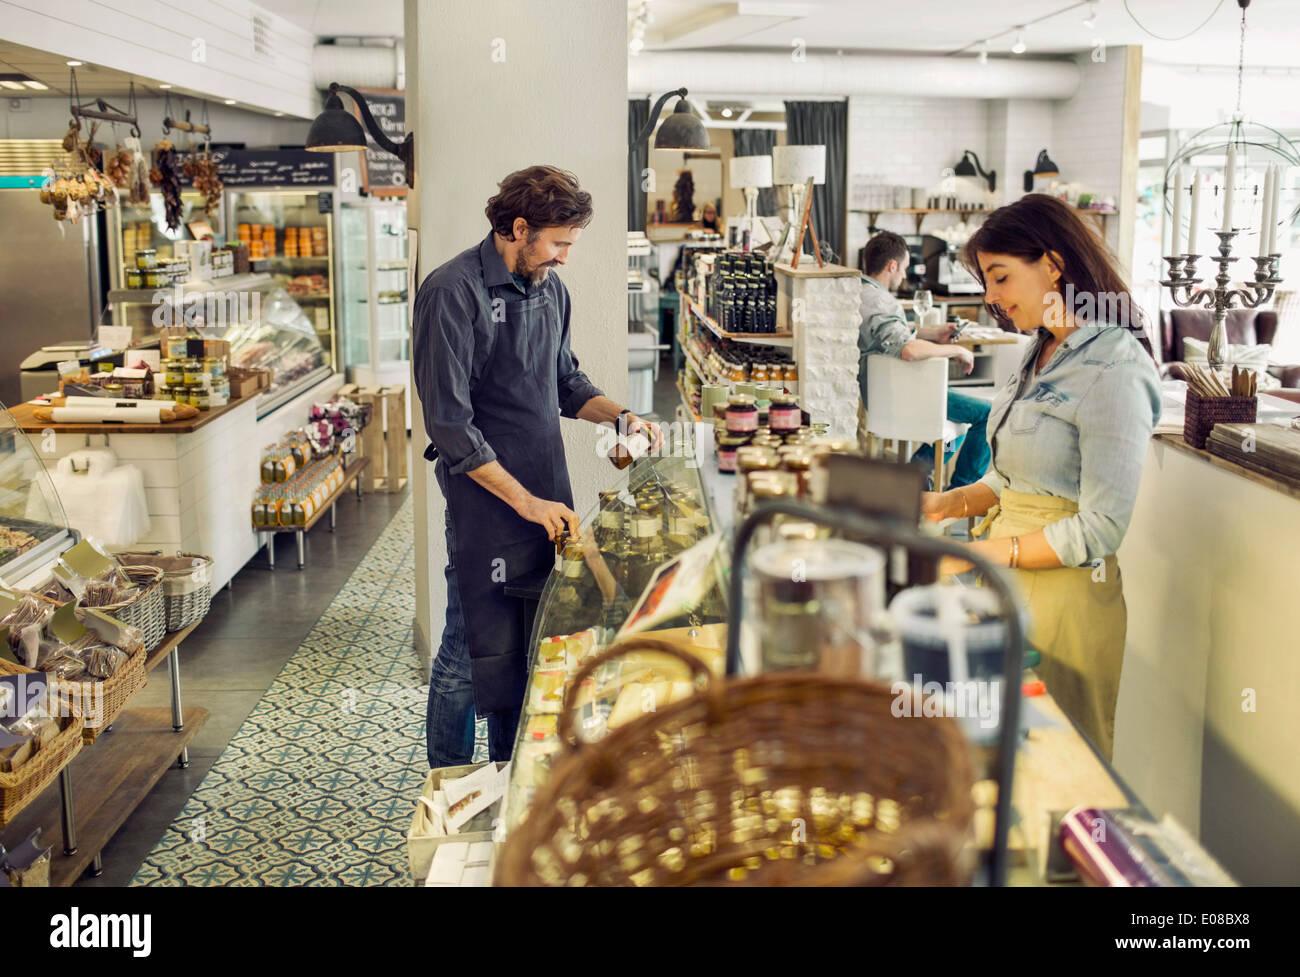 Los vendedores que trabajan en el supermercado Imagen De Stock